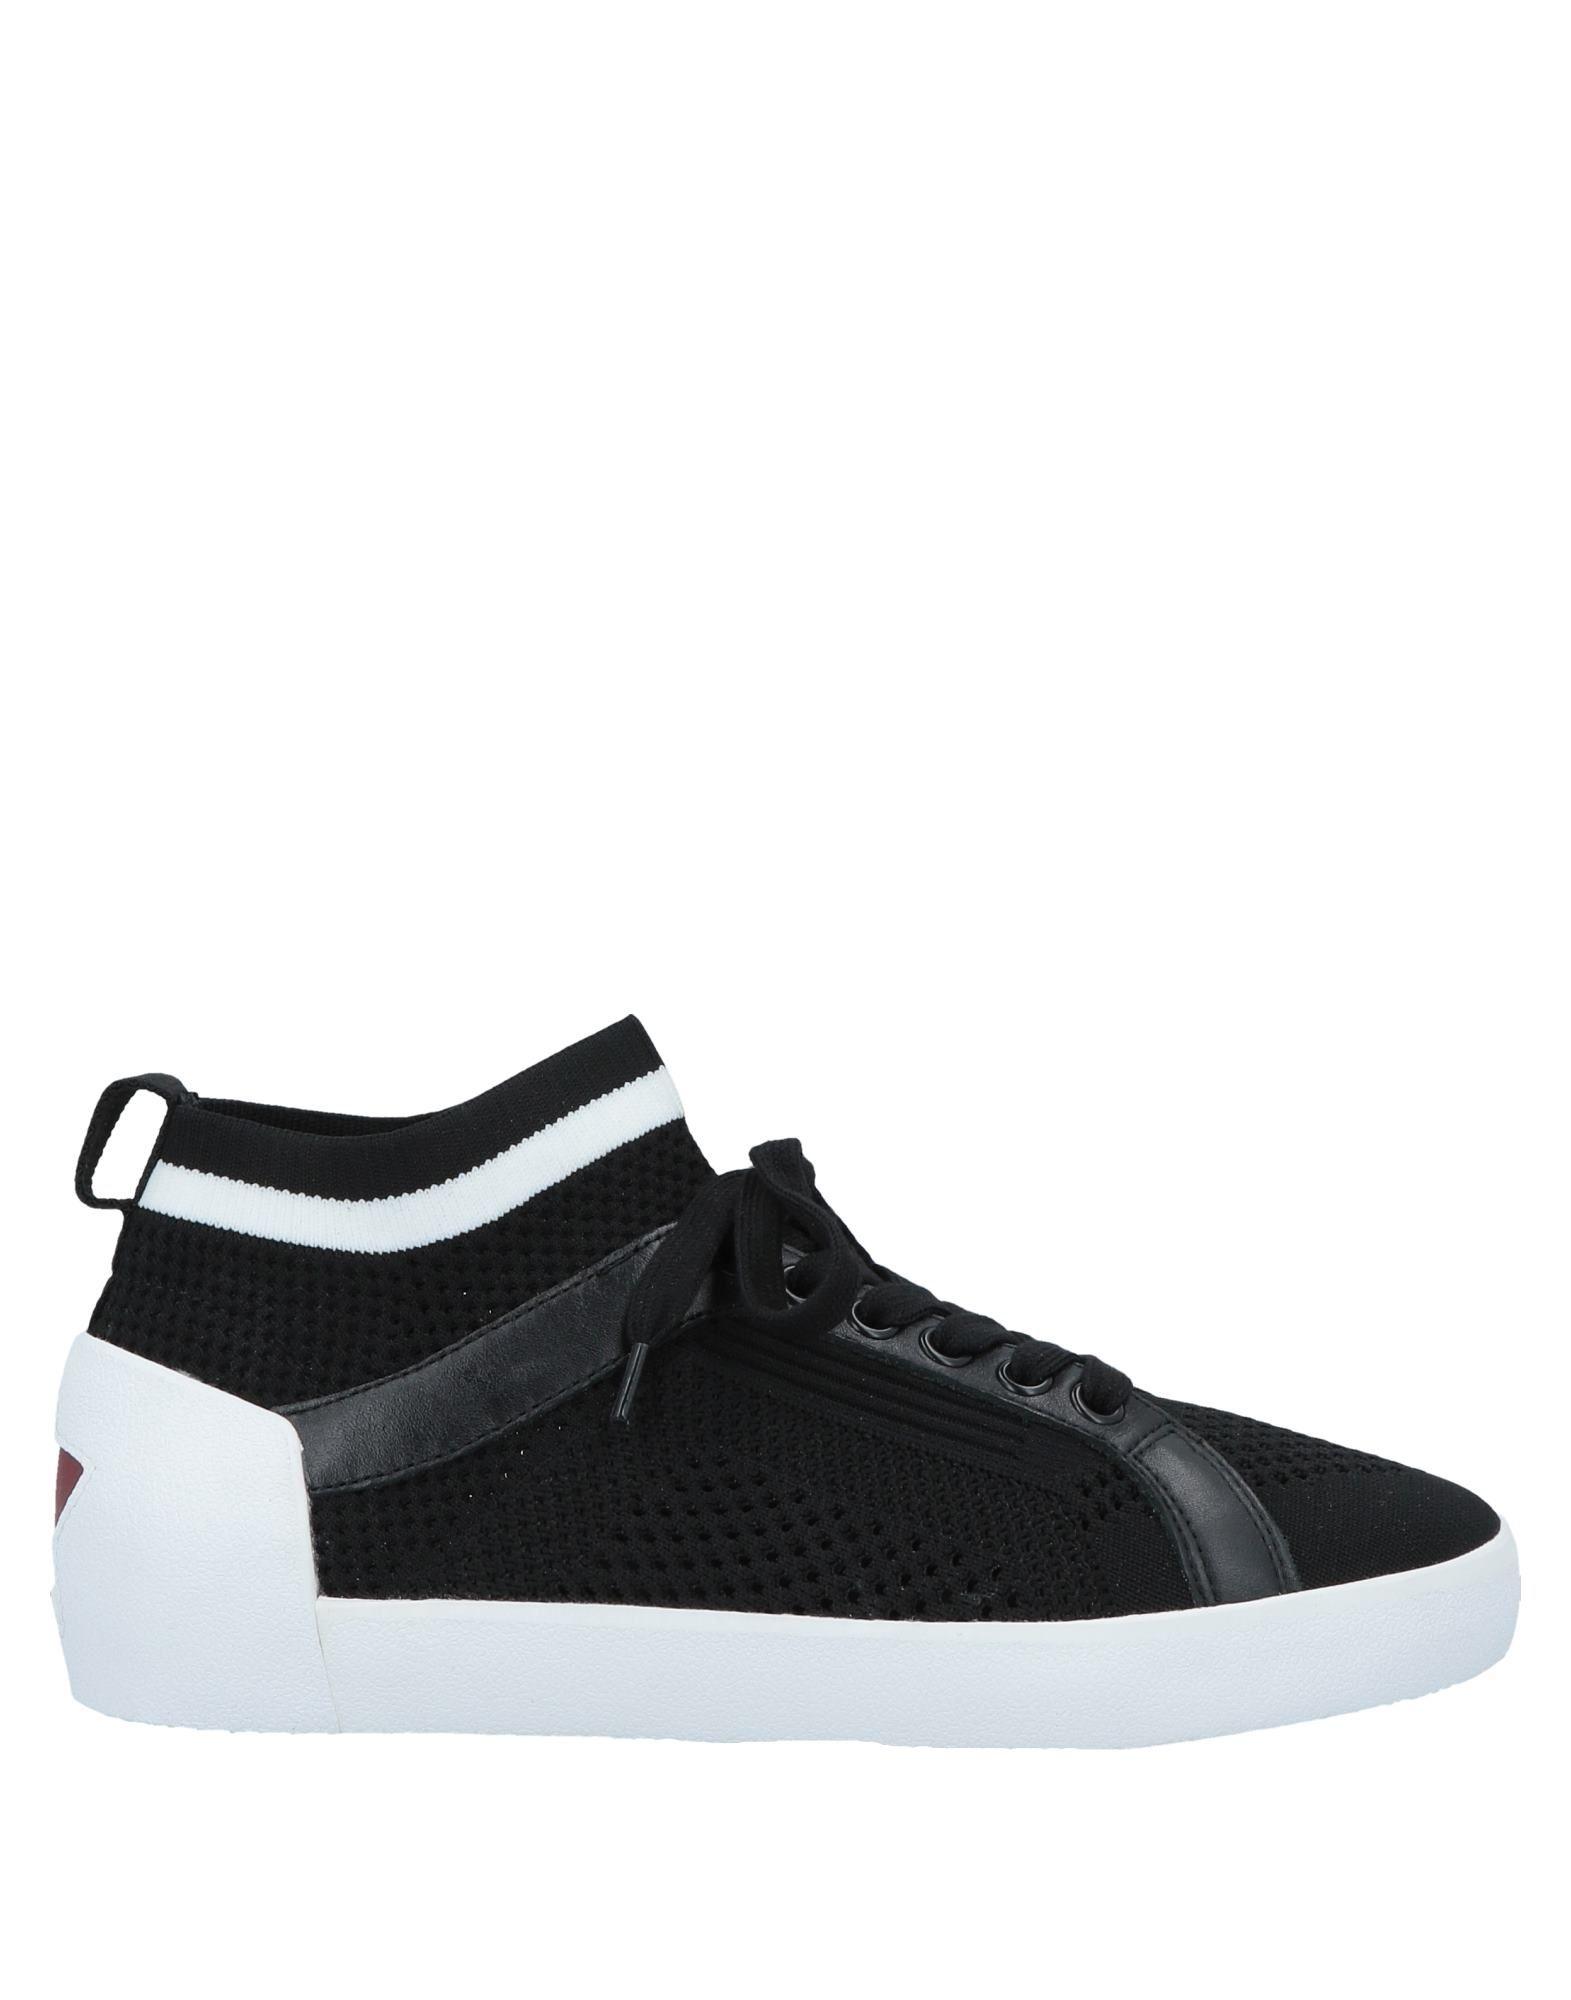 《送料無料》ASH レディース スニーカー&テニスシューズ(ハイカット) ブラック 36 紡績繊維 / 牛革(カーフ)